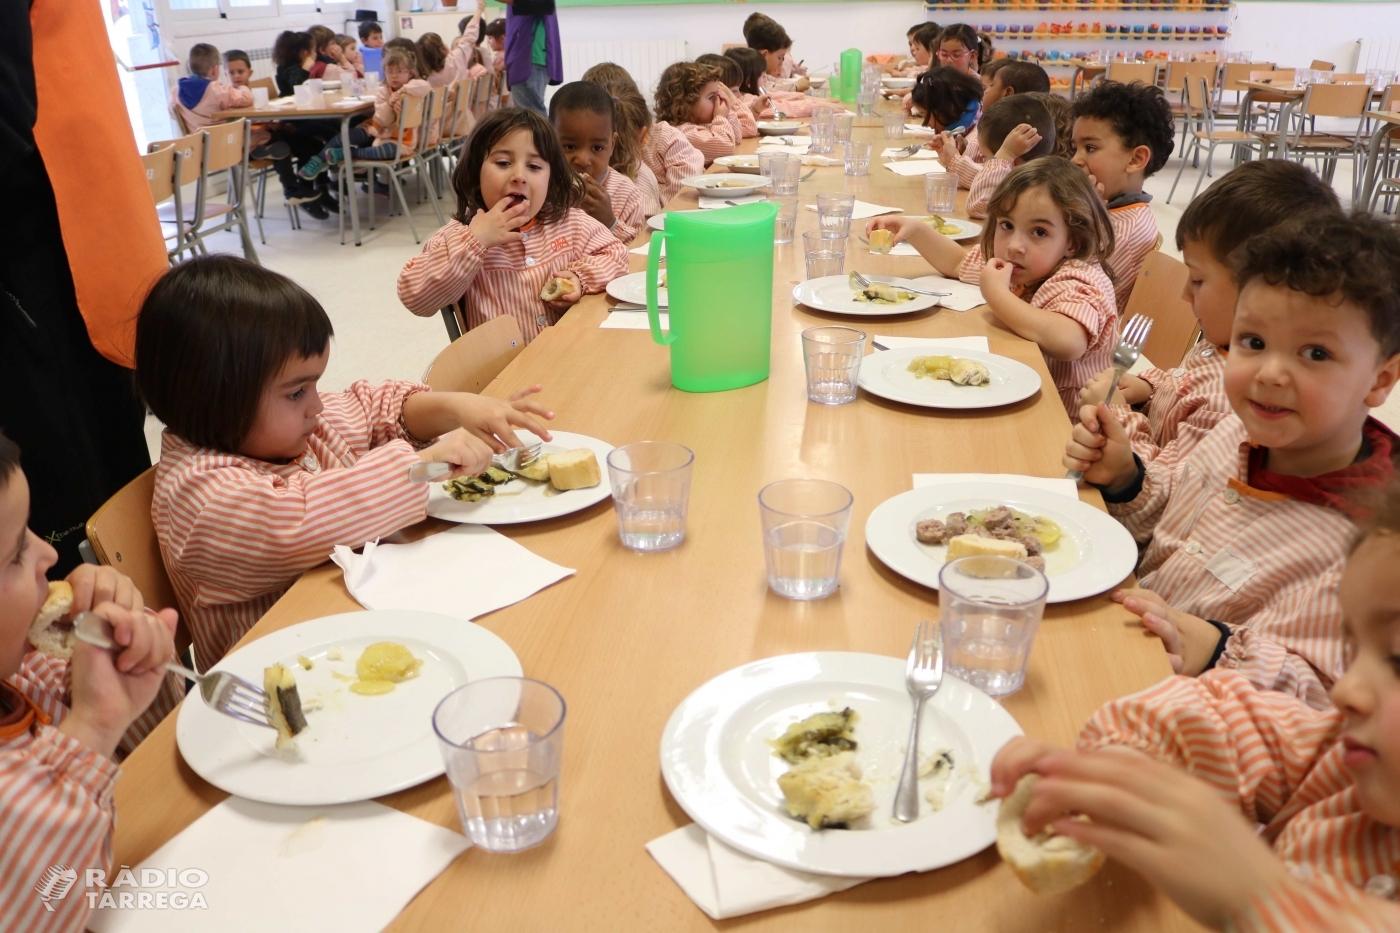 Els menjadors escolars de Quàlia seleccionats per impulsar la cuina climàtica als seus menus escolars